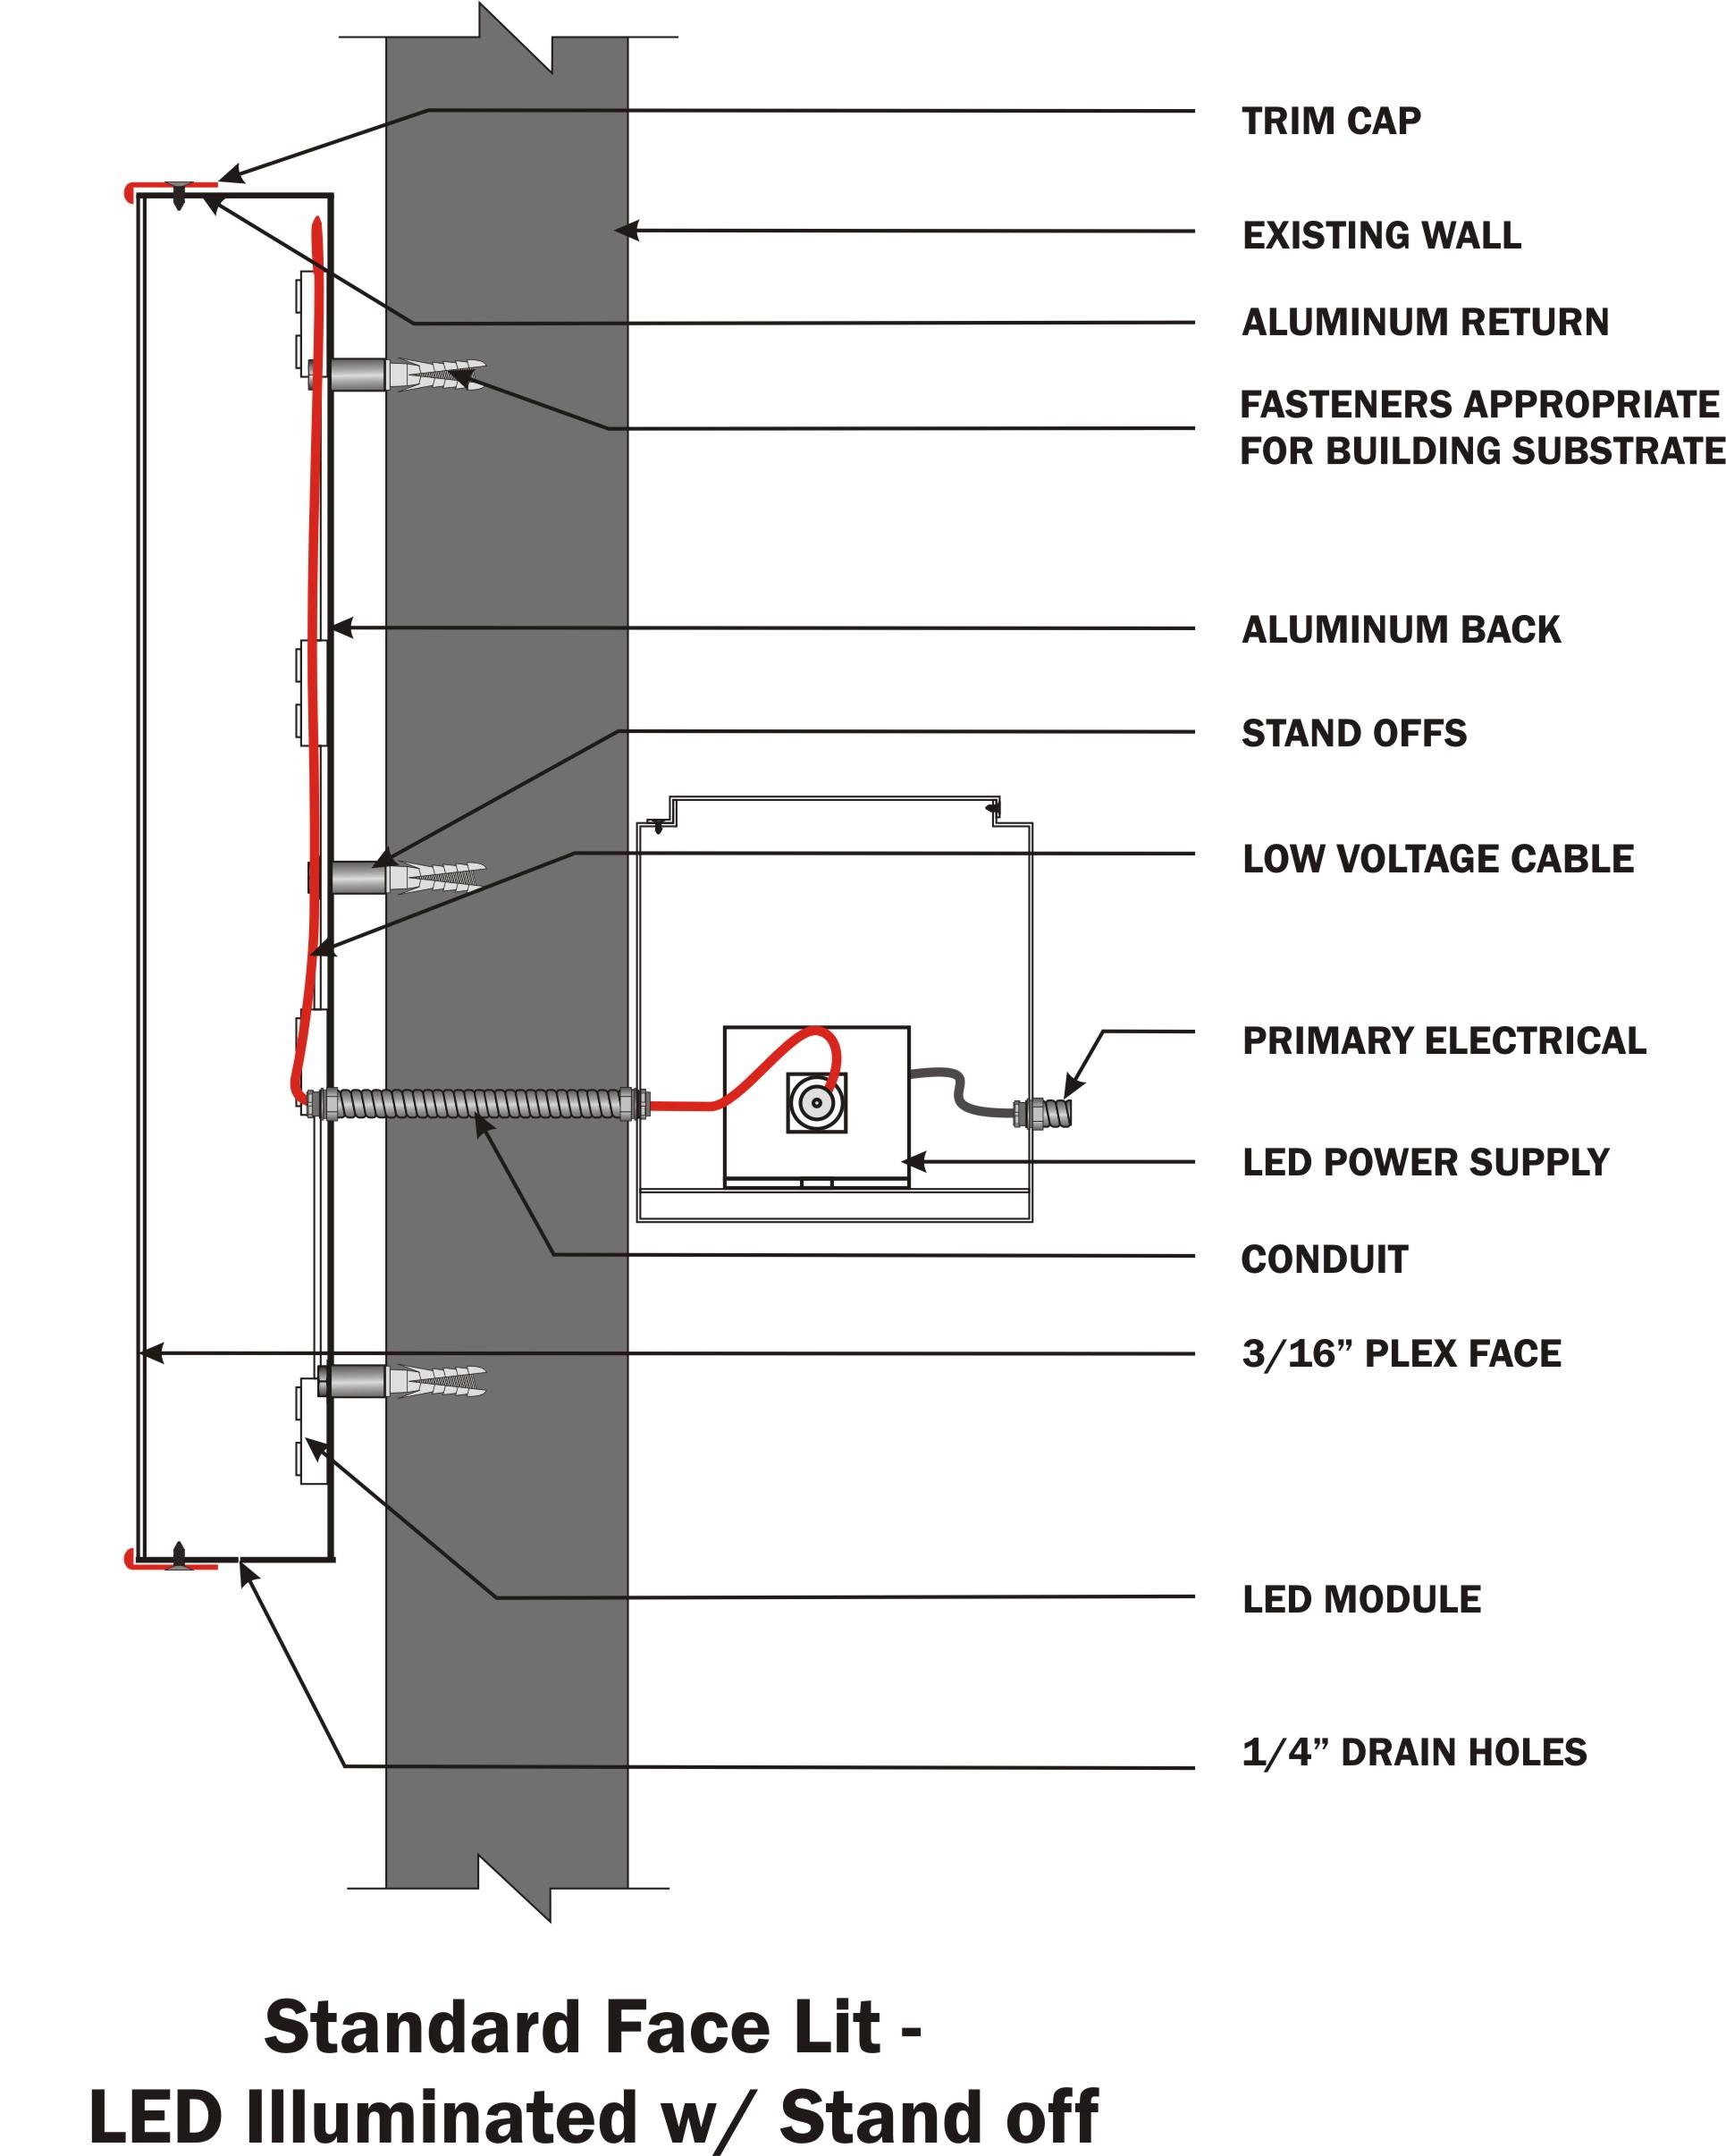 KL_1754] Led Sign Wiring Diagram Channel Letter Led Wiring Diagram Led  Power Free DiagramEgre Tool Mohammedshrine Librar Wiring 101